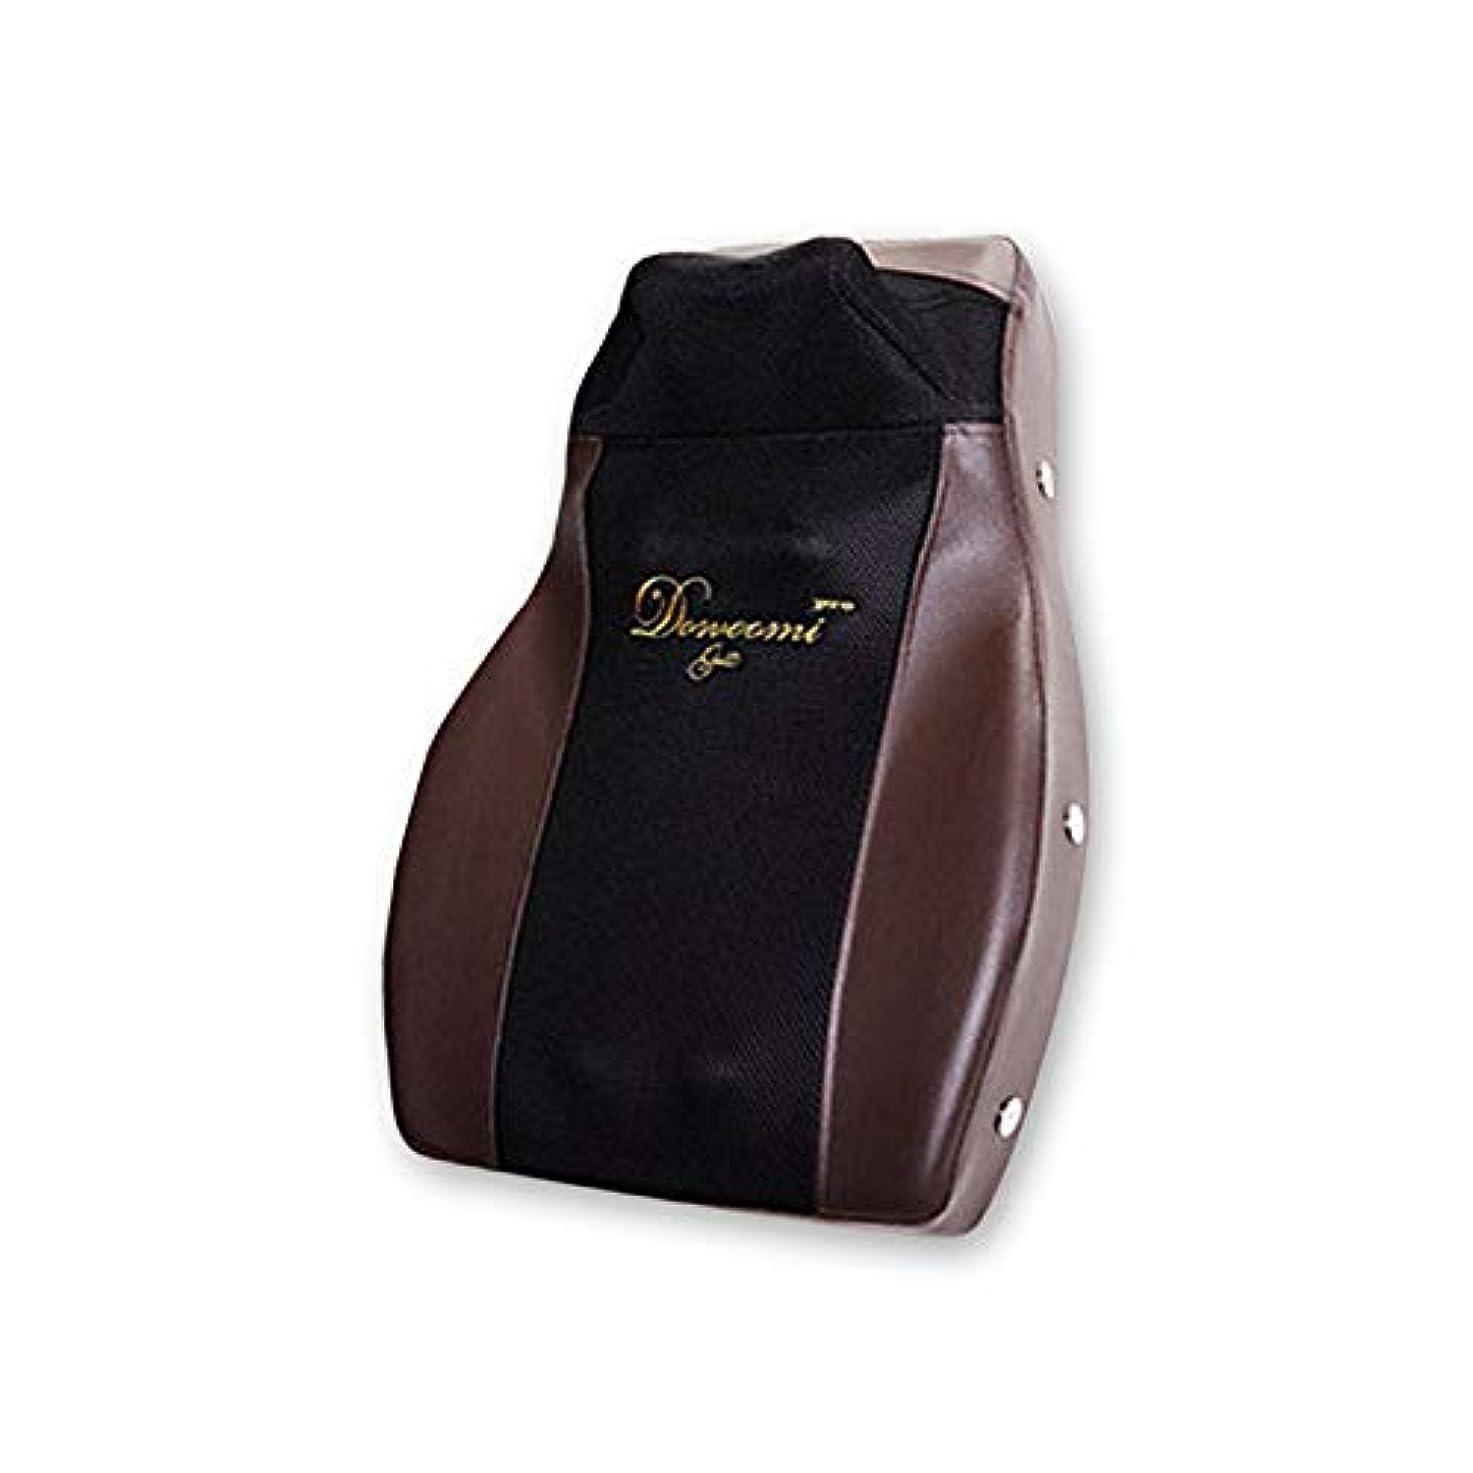 助けになるカビ量でWellbeing Dowoomi Massager Gold Pro ドウミ マッサージ クッション ゴールド プロ [並行輸入品]